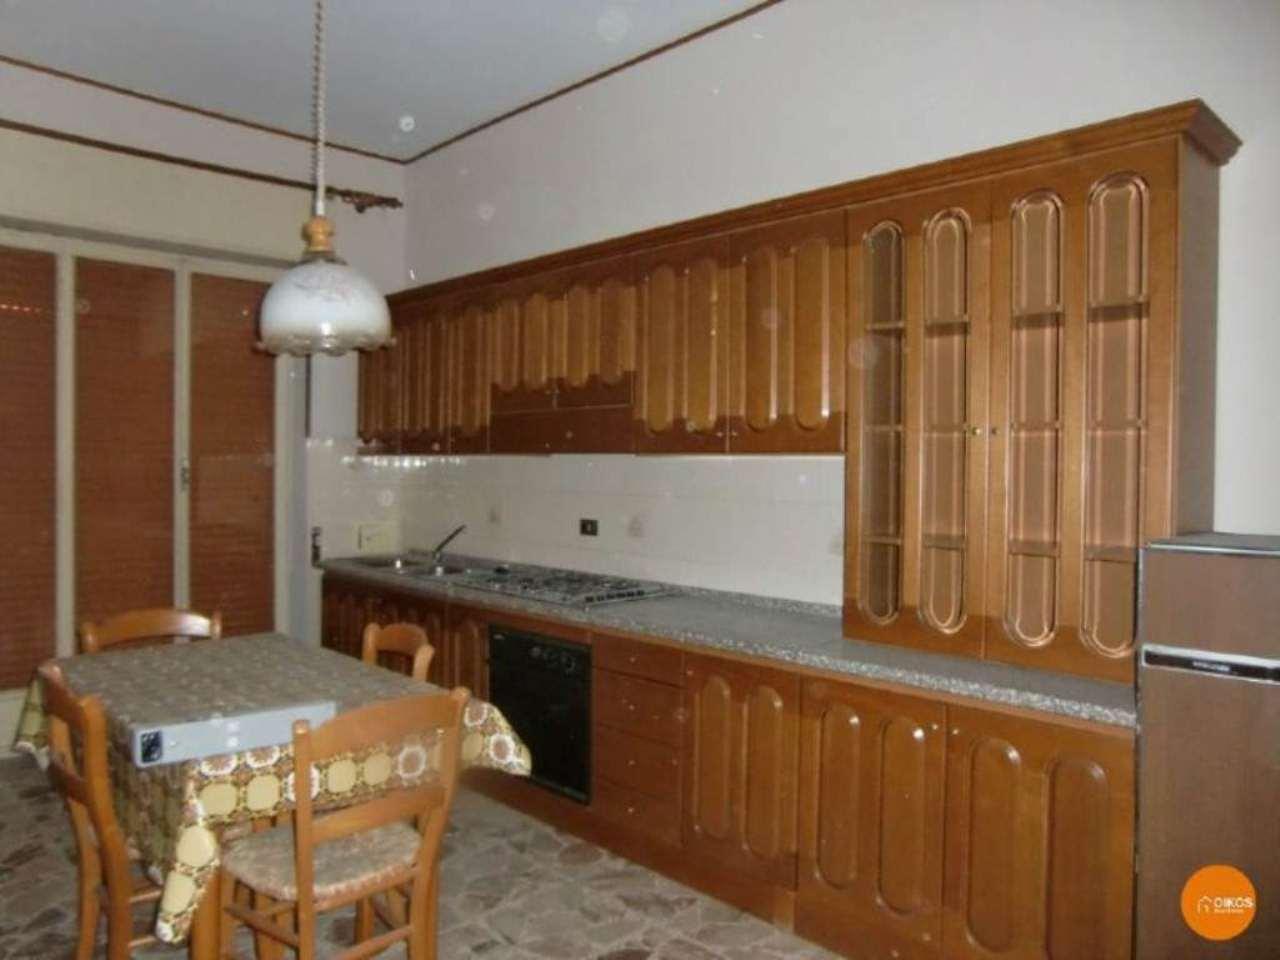 Appartamento in vendita a Noto, 4 locali, prezzo € 80.000 | Cambio Casa.it